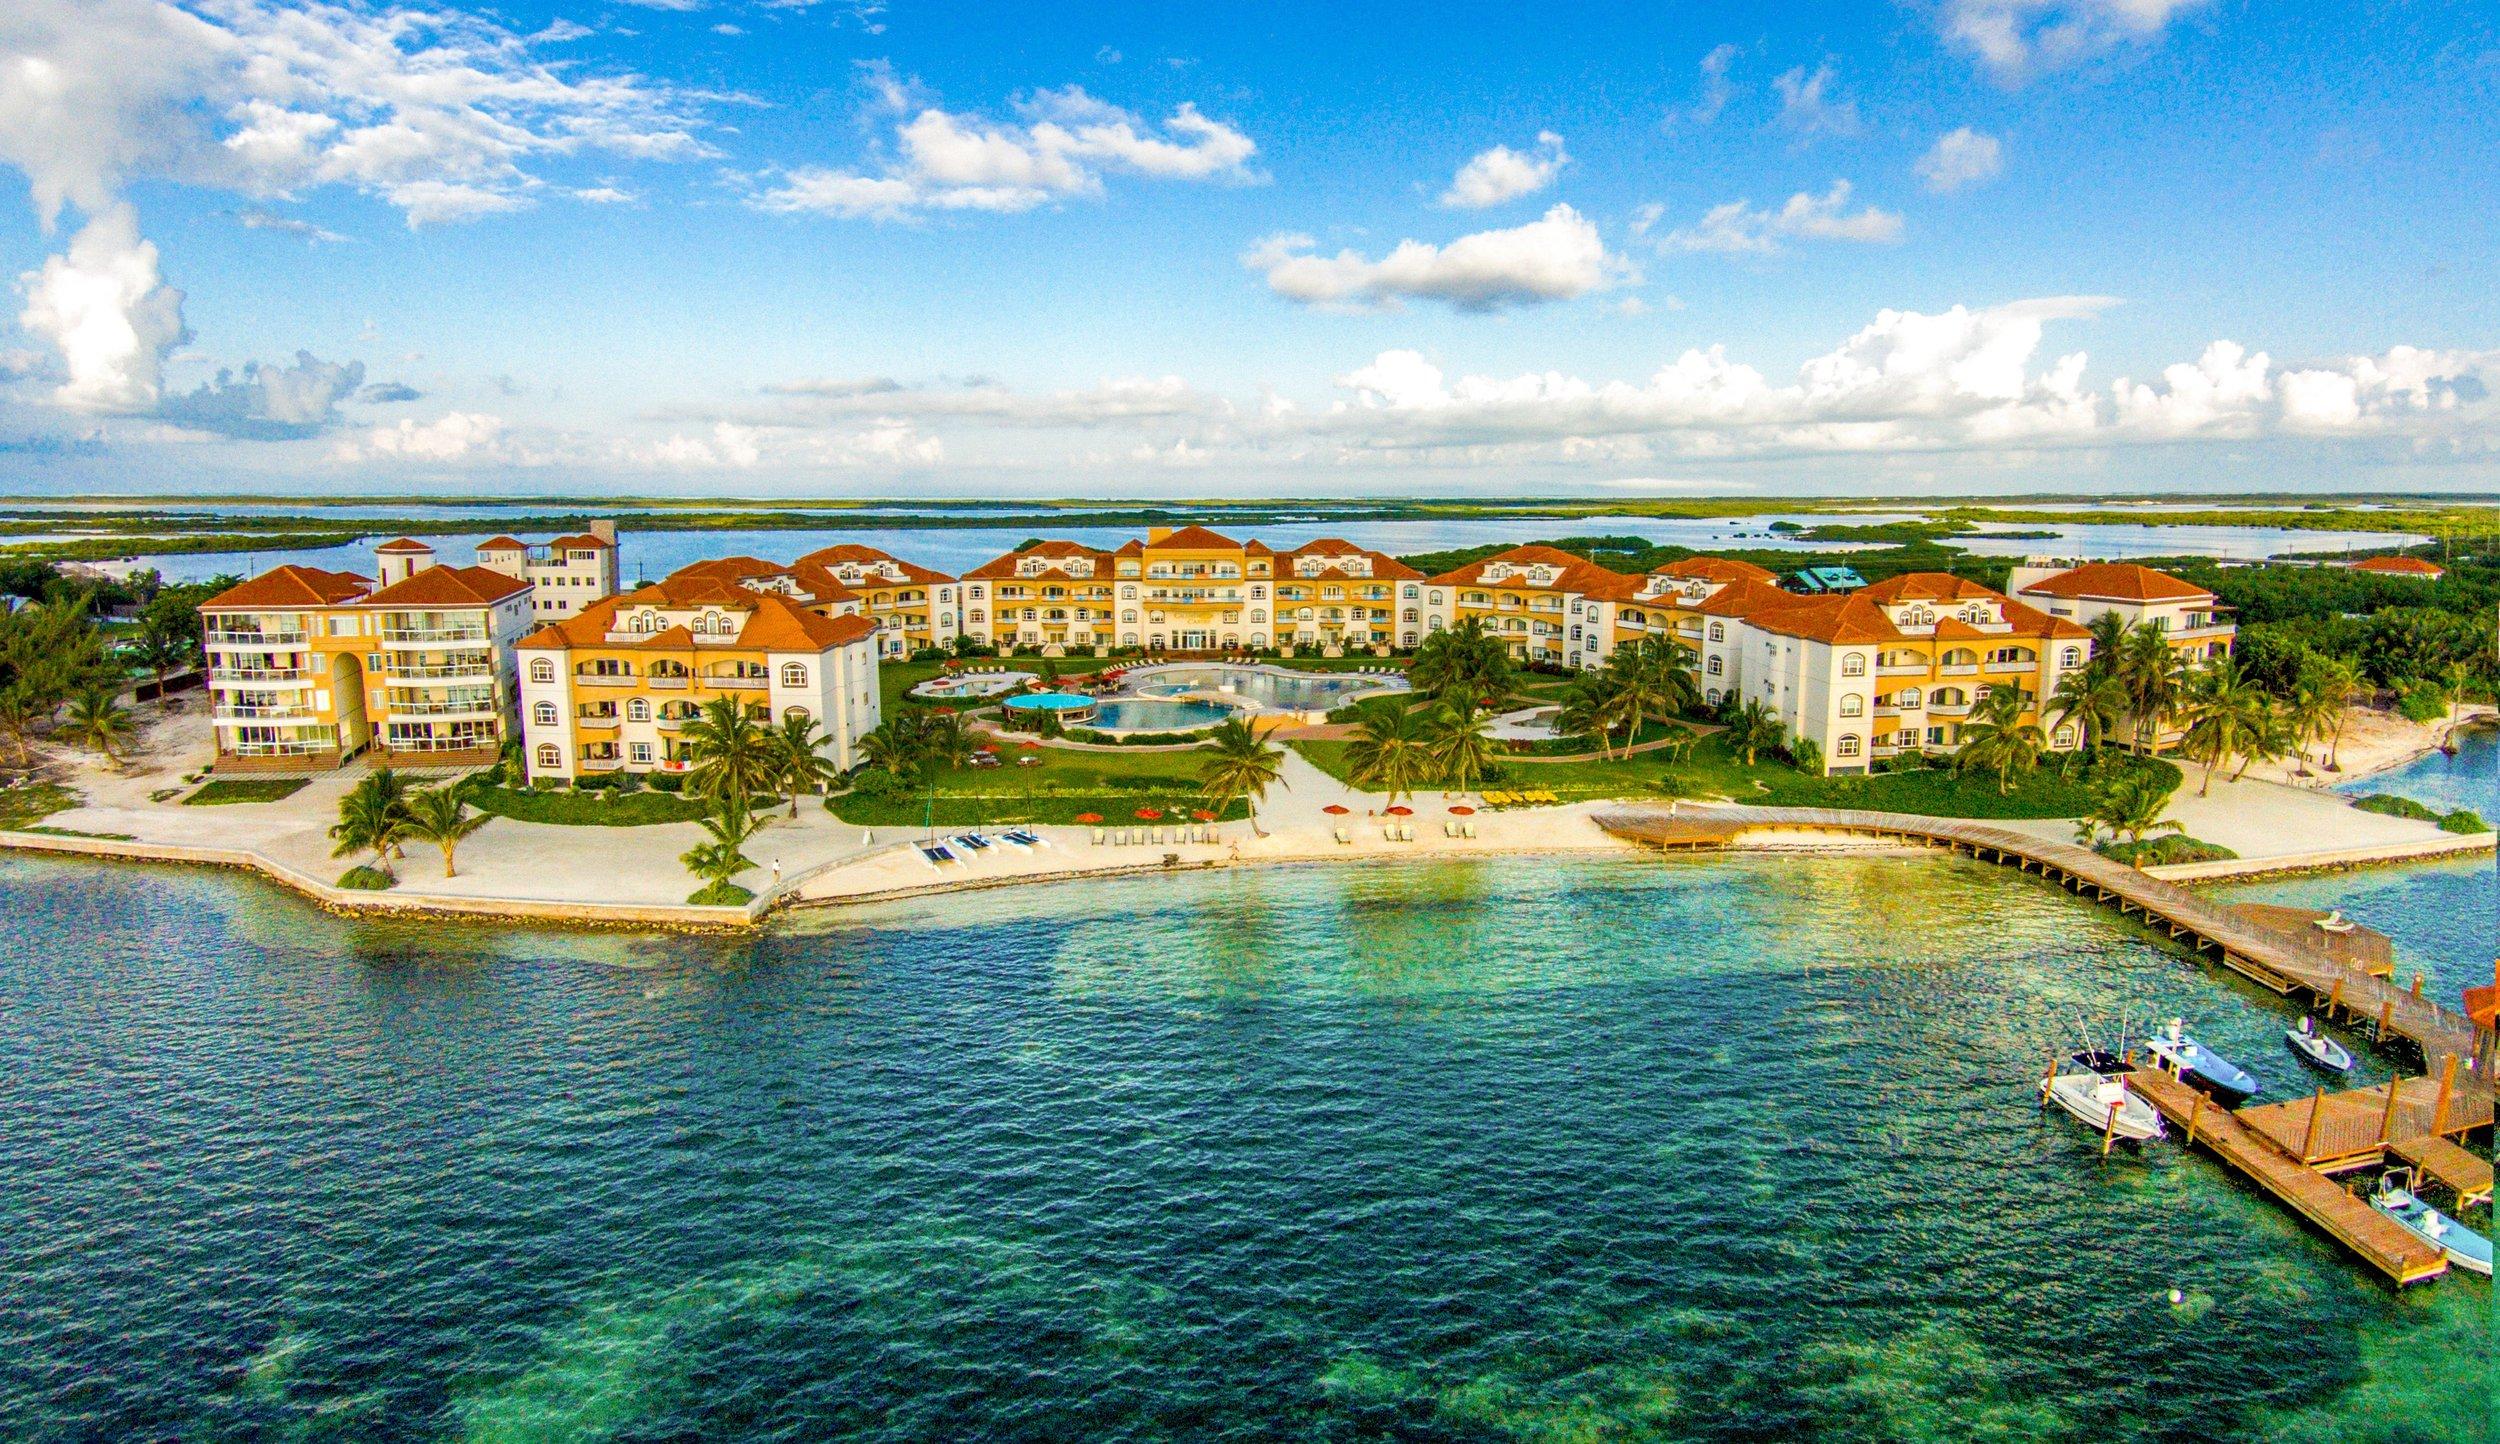 GC Resort Main Image.jpg